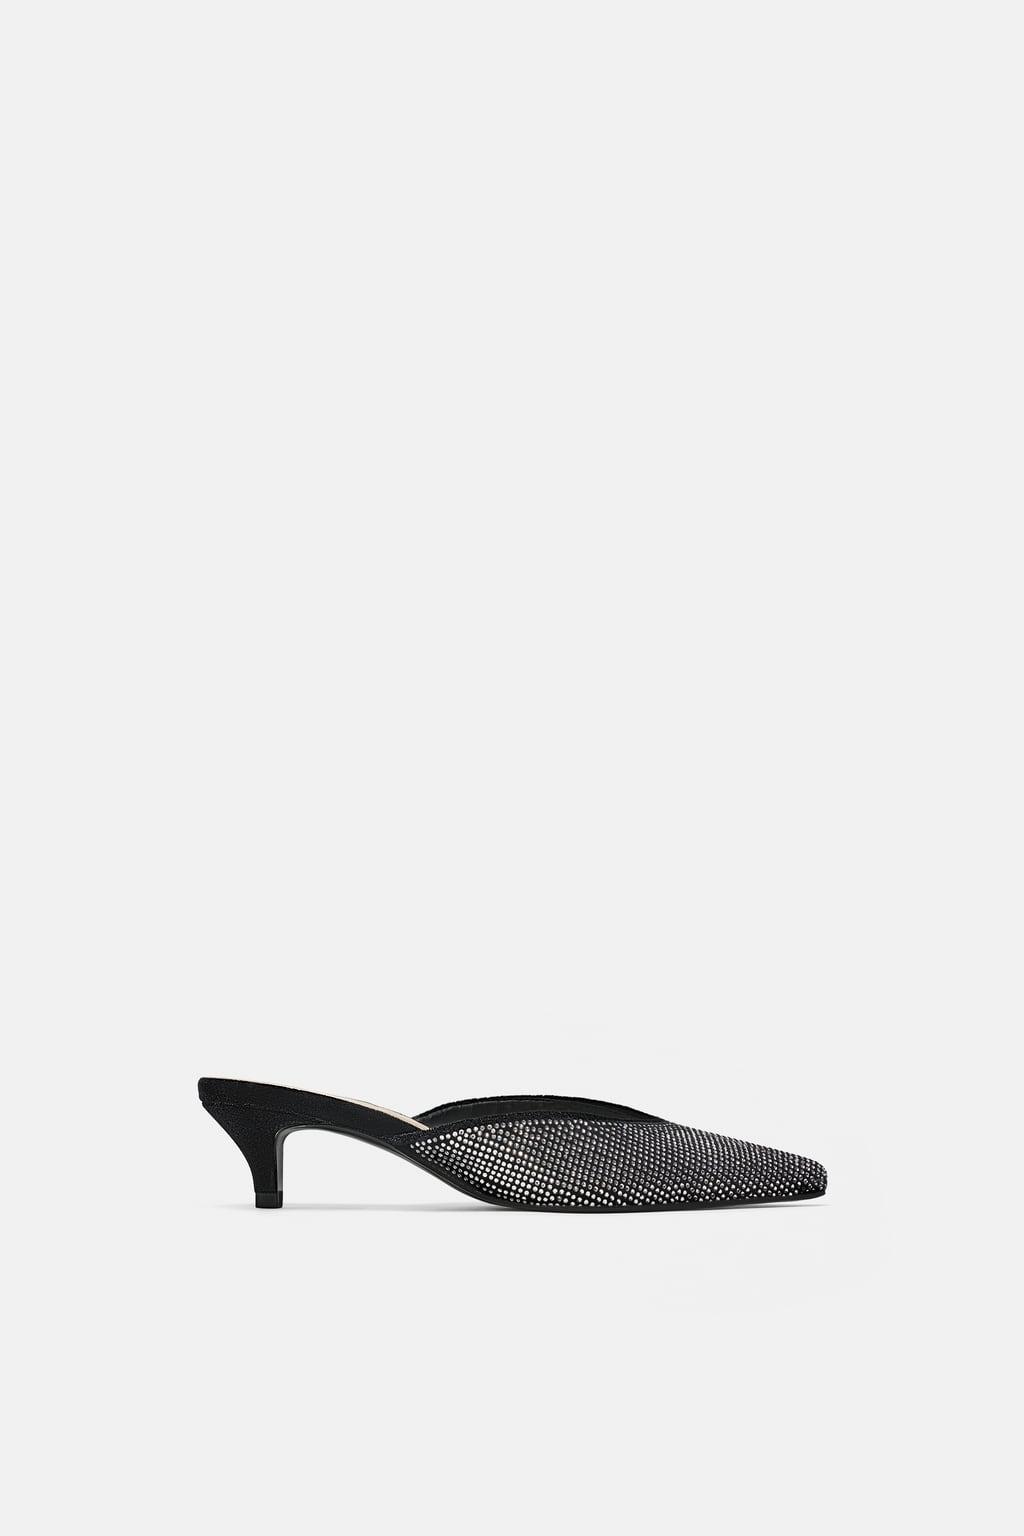 Sapatos Zara, 39,95 euros